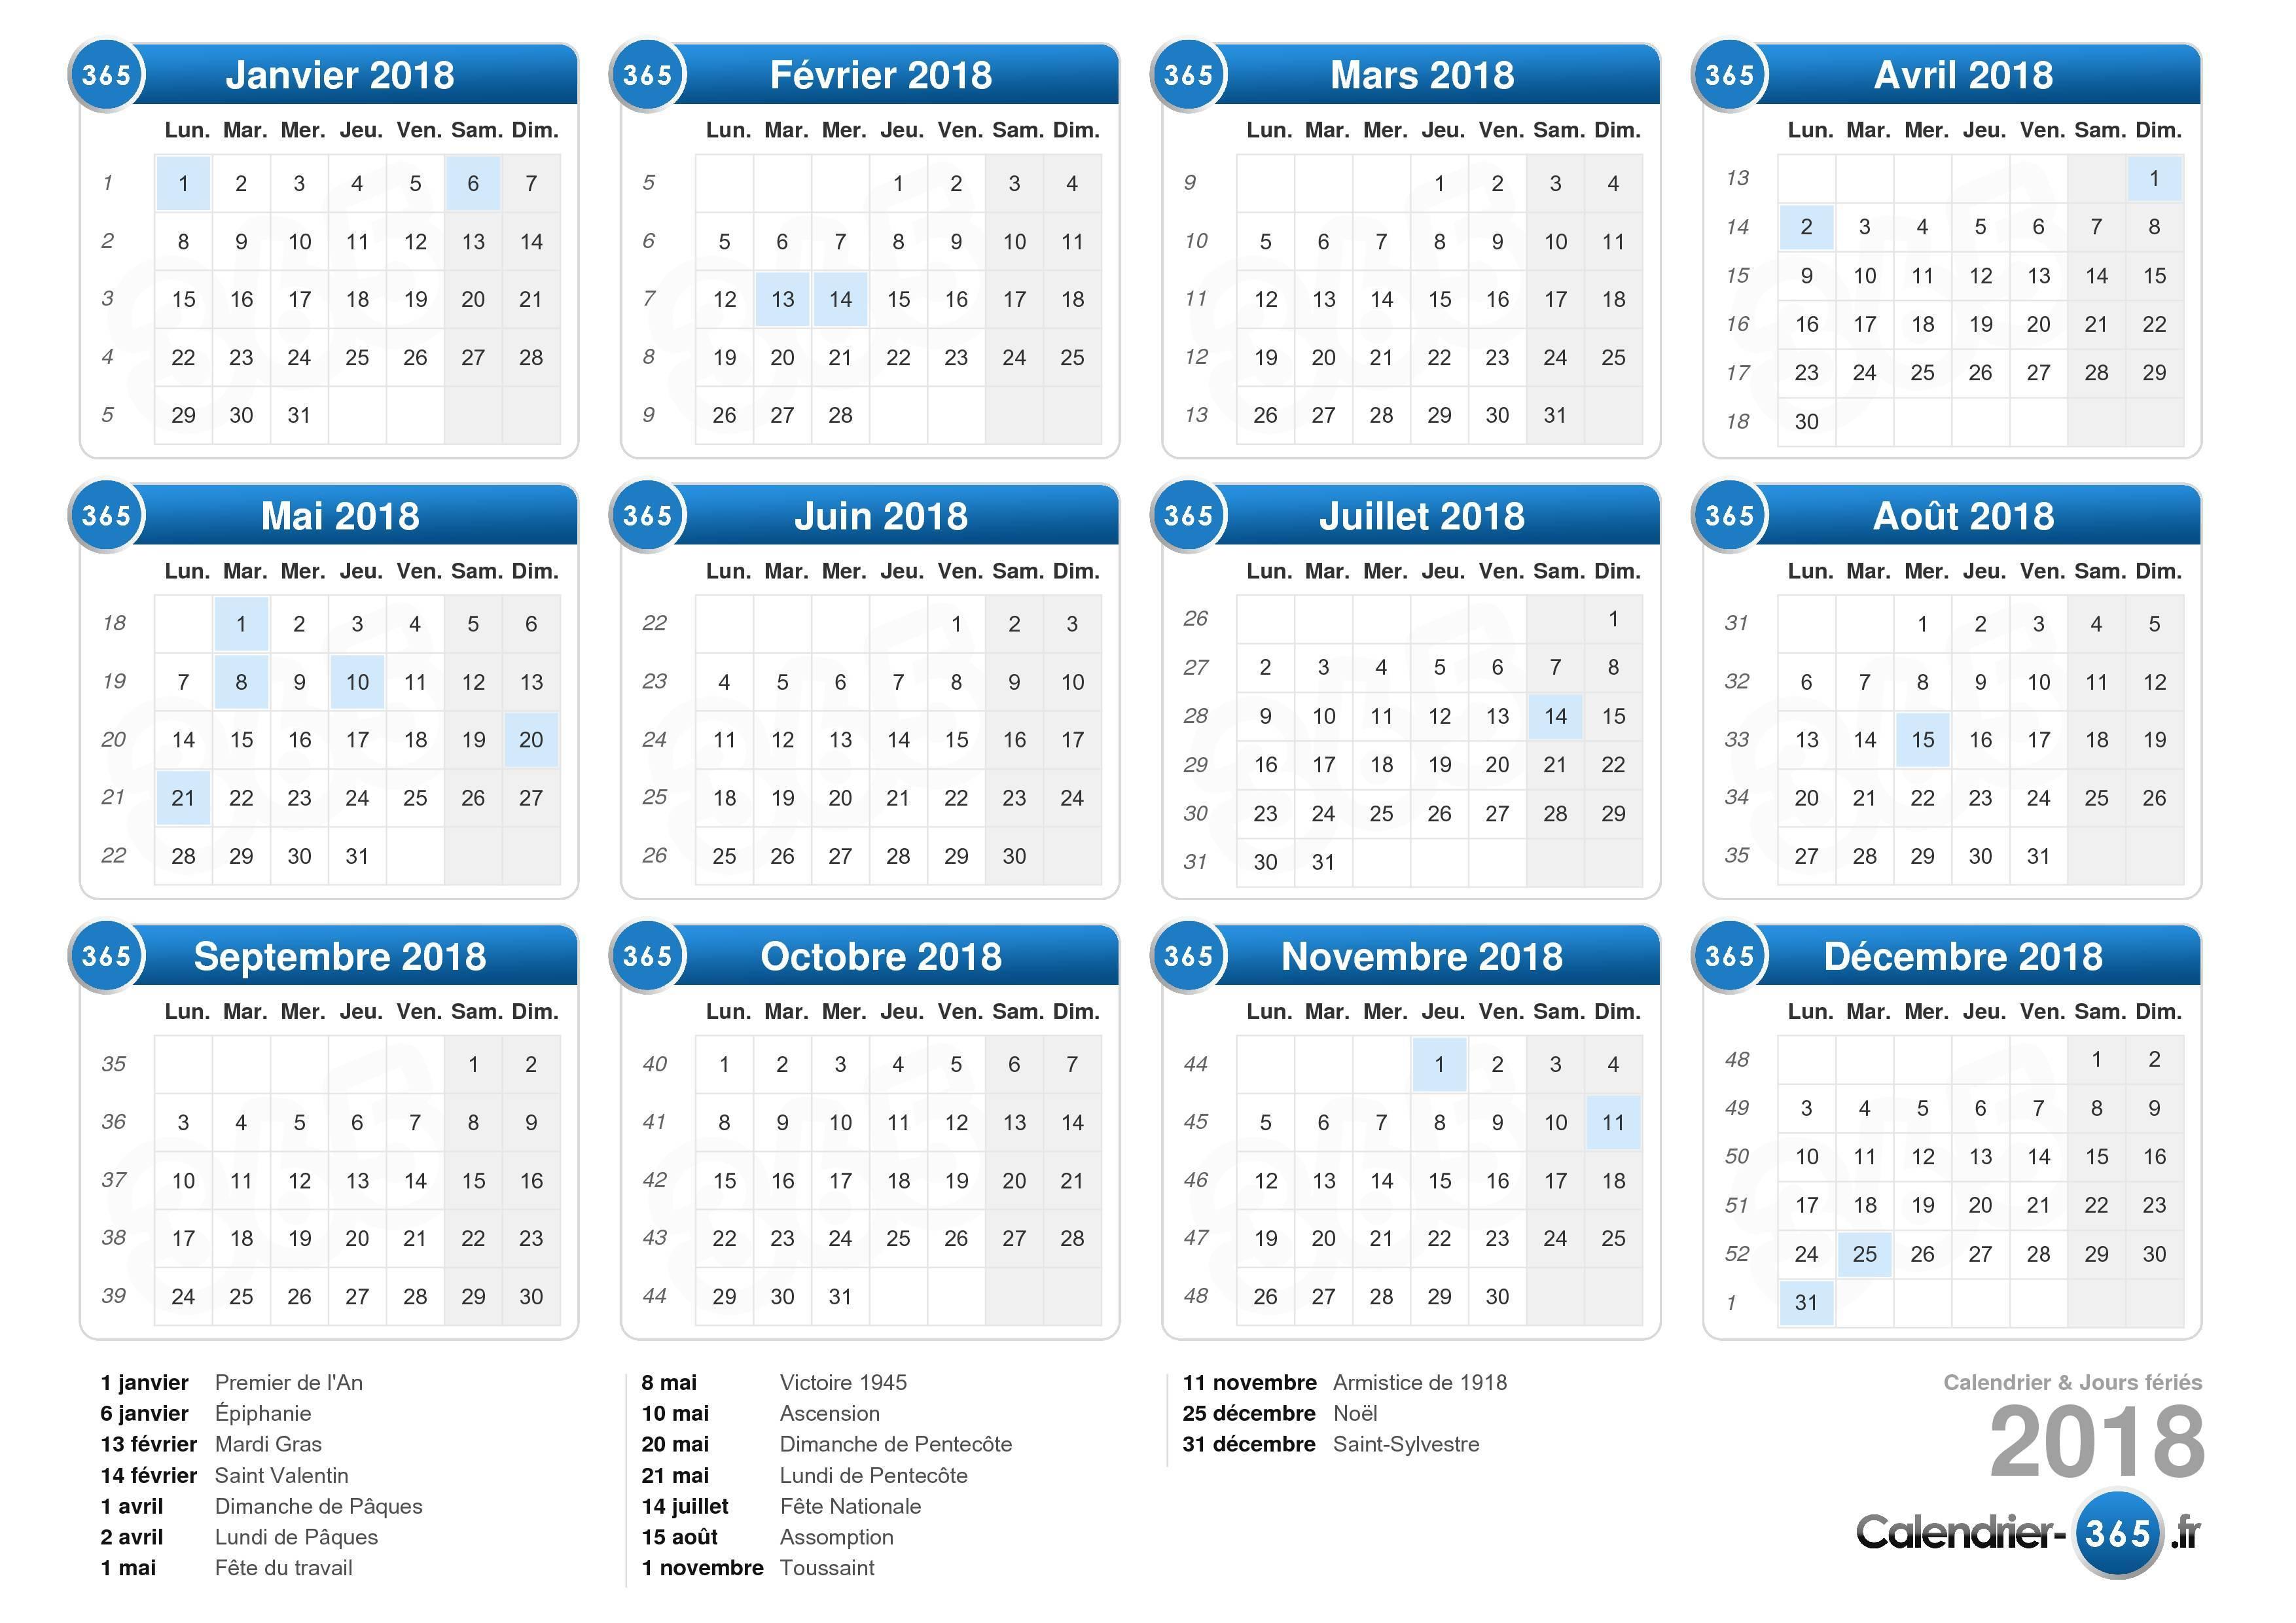 calendrier 2018 jours feries